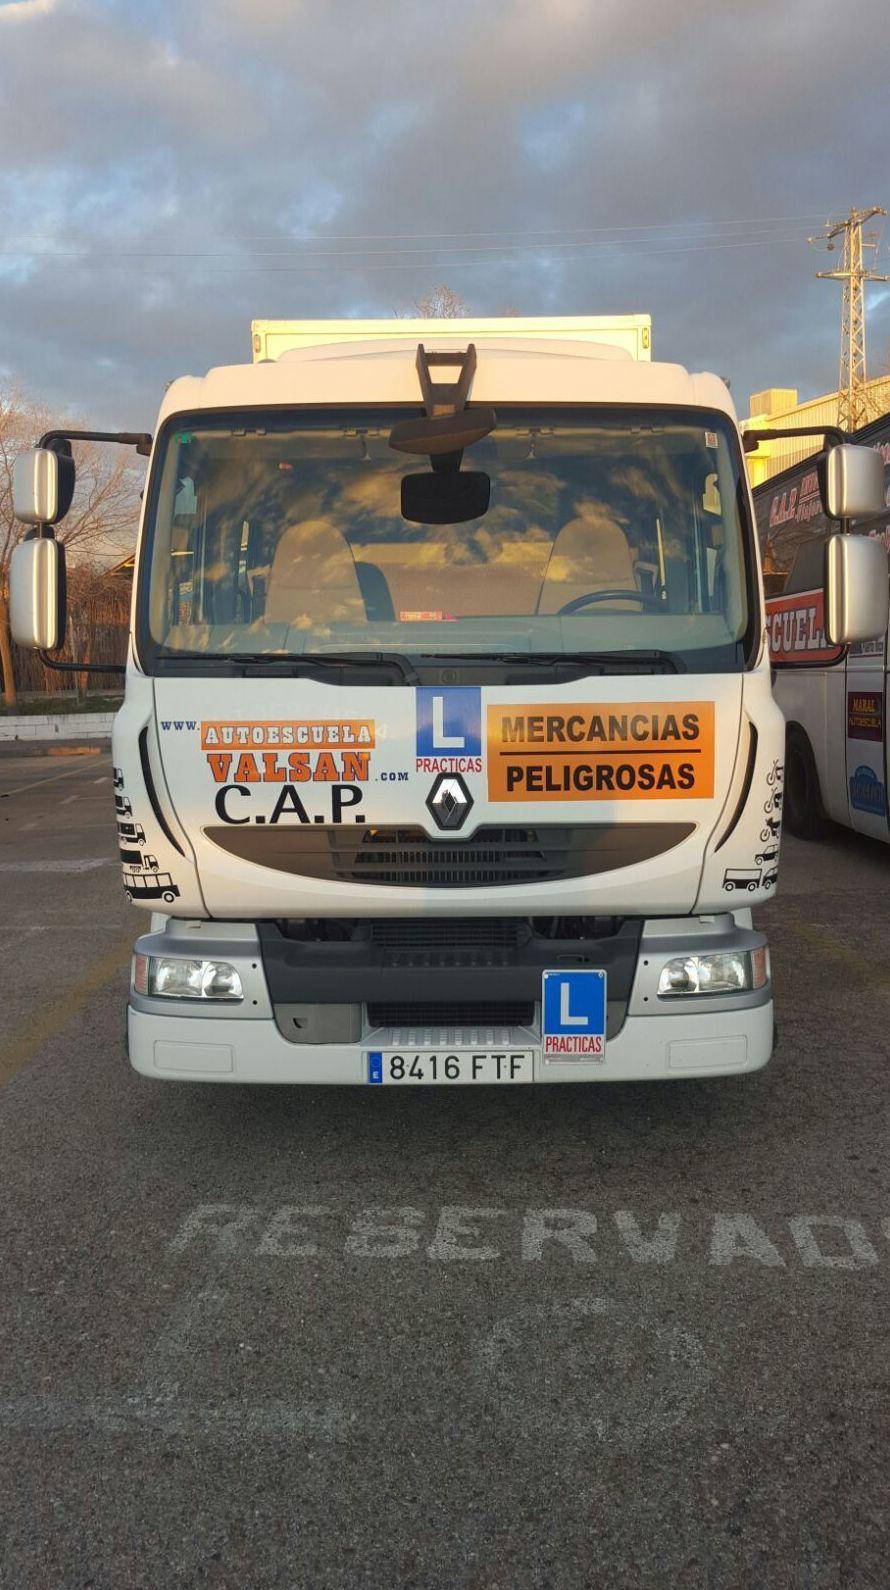 Foto 11 de Autoescuelas en Alcalá de Henares | Autoescuela Lara - Valsan